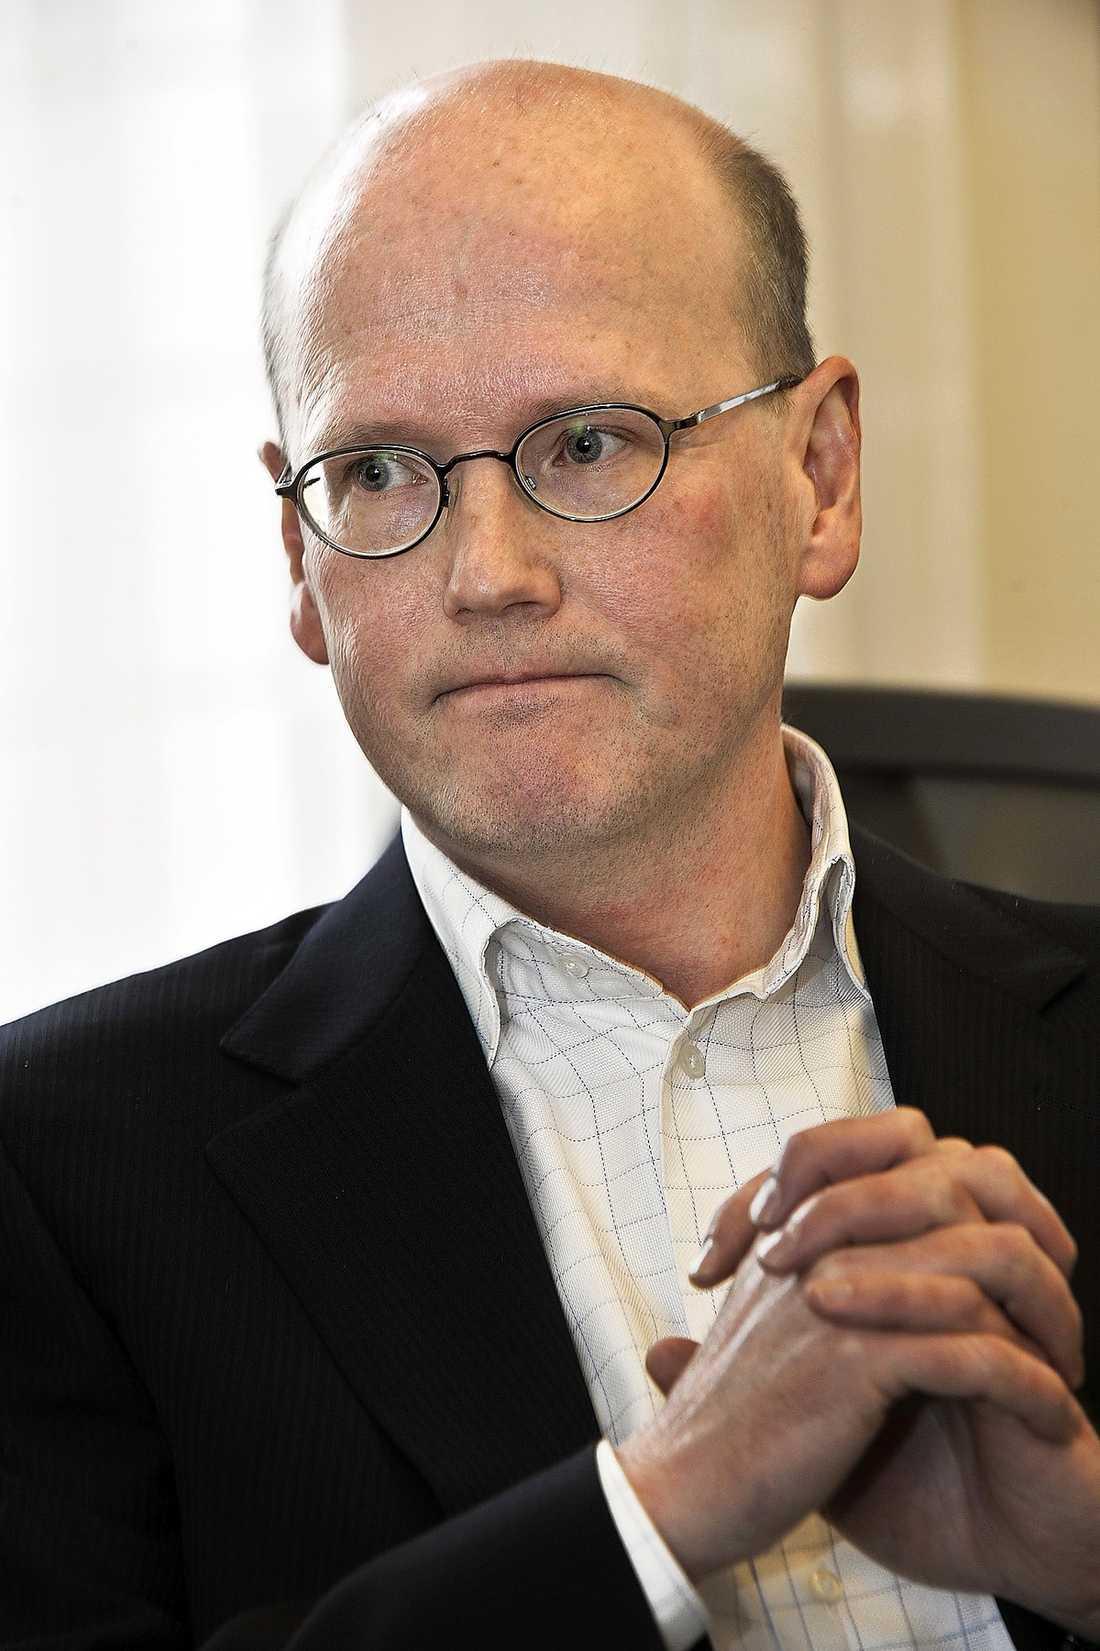 ANSES VARA ILLOJAL Thomas Östros kommentarer till SVT:s Rapport har fått många socialdemokrater att skicka in kritiska brev till partisekreteraren Carin Jämtin.